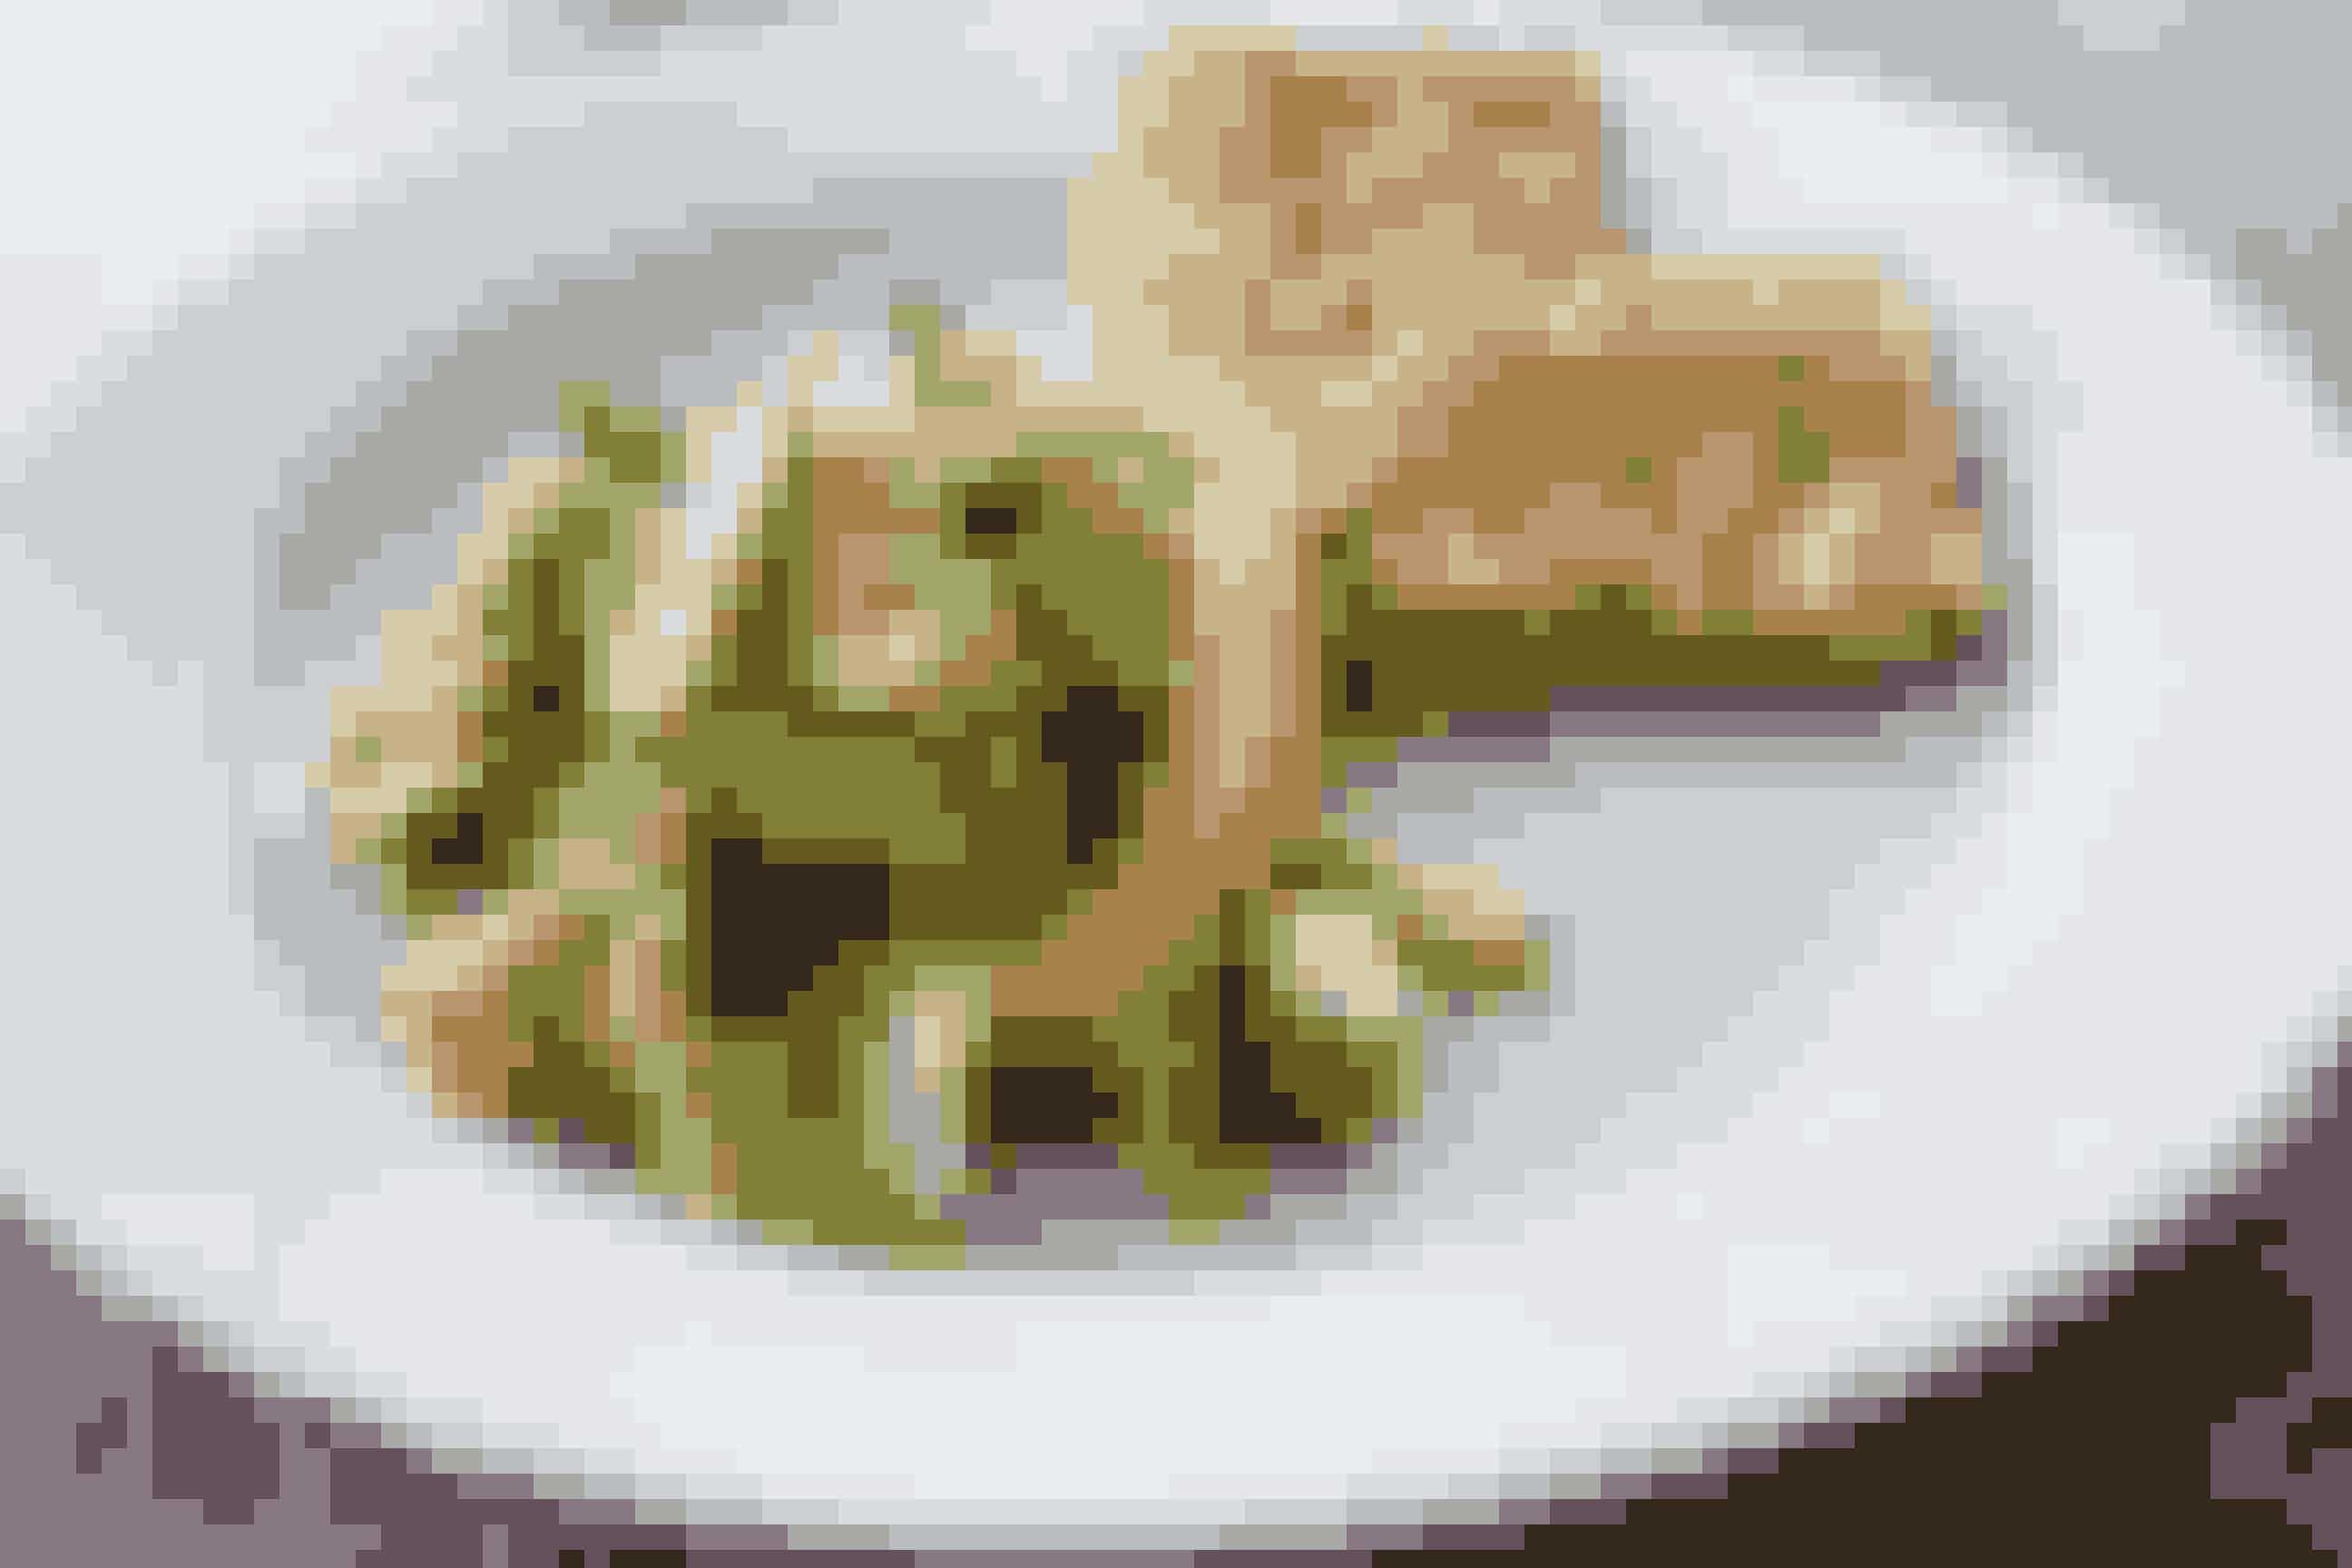 Avocadosalat1 rød chili1 dusk koriander2 spsk. olivenolie4 spsk. creme fraiche 9%)1 tsk. salt og lidt peberSaften af ½ usprøjtet citron samt citronskalSådan gør du: Skær avocadoerne i halve og fjern stenene. Skub avocado ud med en ske, så du kan skære alle de halve dele i mellemstore tern. Kom dem i en skål og hæld straks citronsaft henover. Så undgår du, at de bliver brune, og det giver også god smag.Skær tomater i tynde både eller mellemstore tern og kom dem deri. Skær så chilien i små tern, pres hvidløget ned i skålen og hæld olie ved. Drys salt og peber i og hak koriander. Vend det hele godt, men forsigtigt sammen. Hæld i en serveringsskål. Pynt er ikke nødvendig, fordi den er så fin i sine farver. Det smager dejligt på knækbrød.* Få flere opskrifter fra Julie i Ude og Hjemme nr. 12.